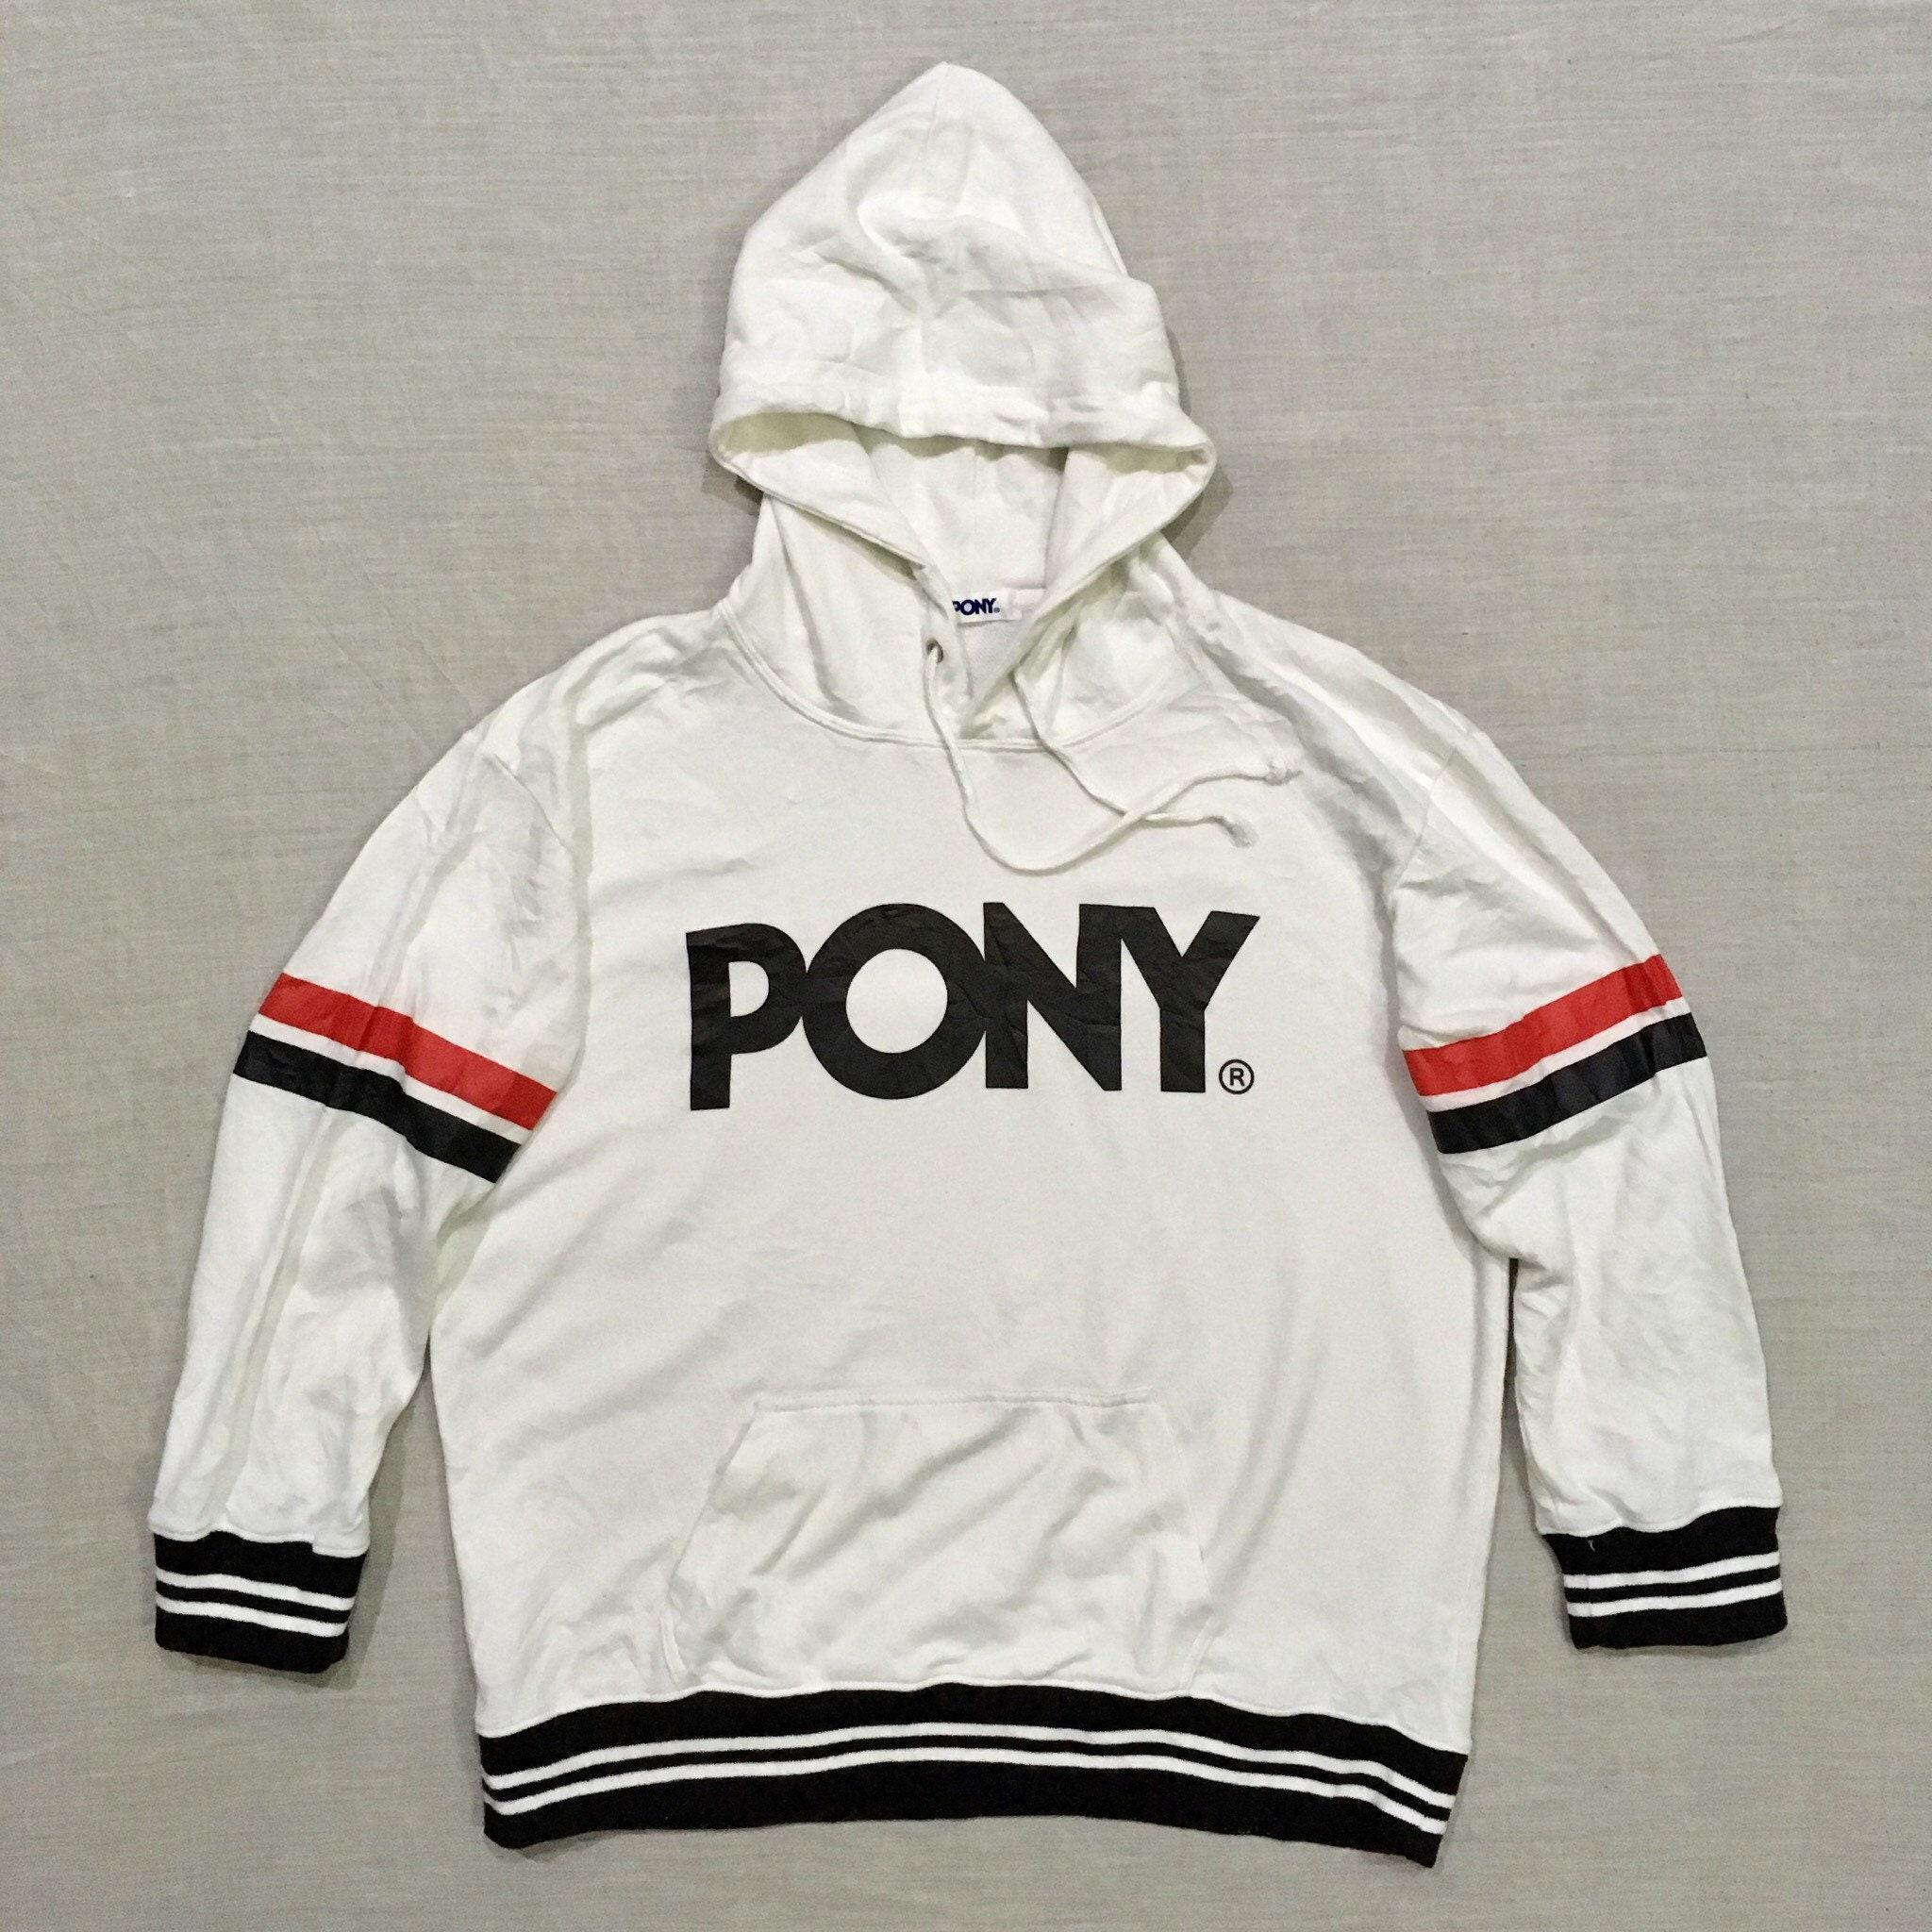 631156306e Pony Hoodie Sweatshirt Streetwear Sweater Unisex M L